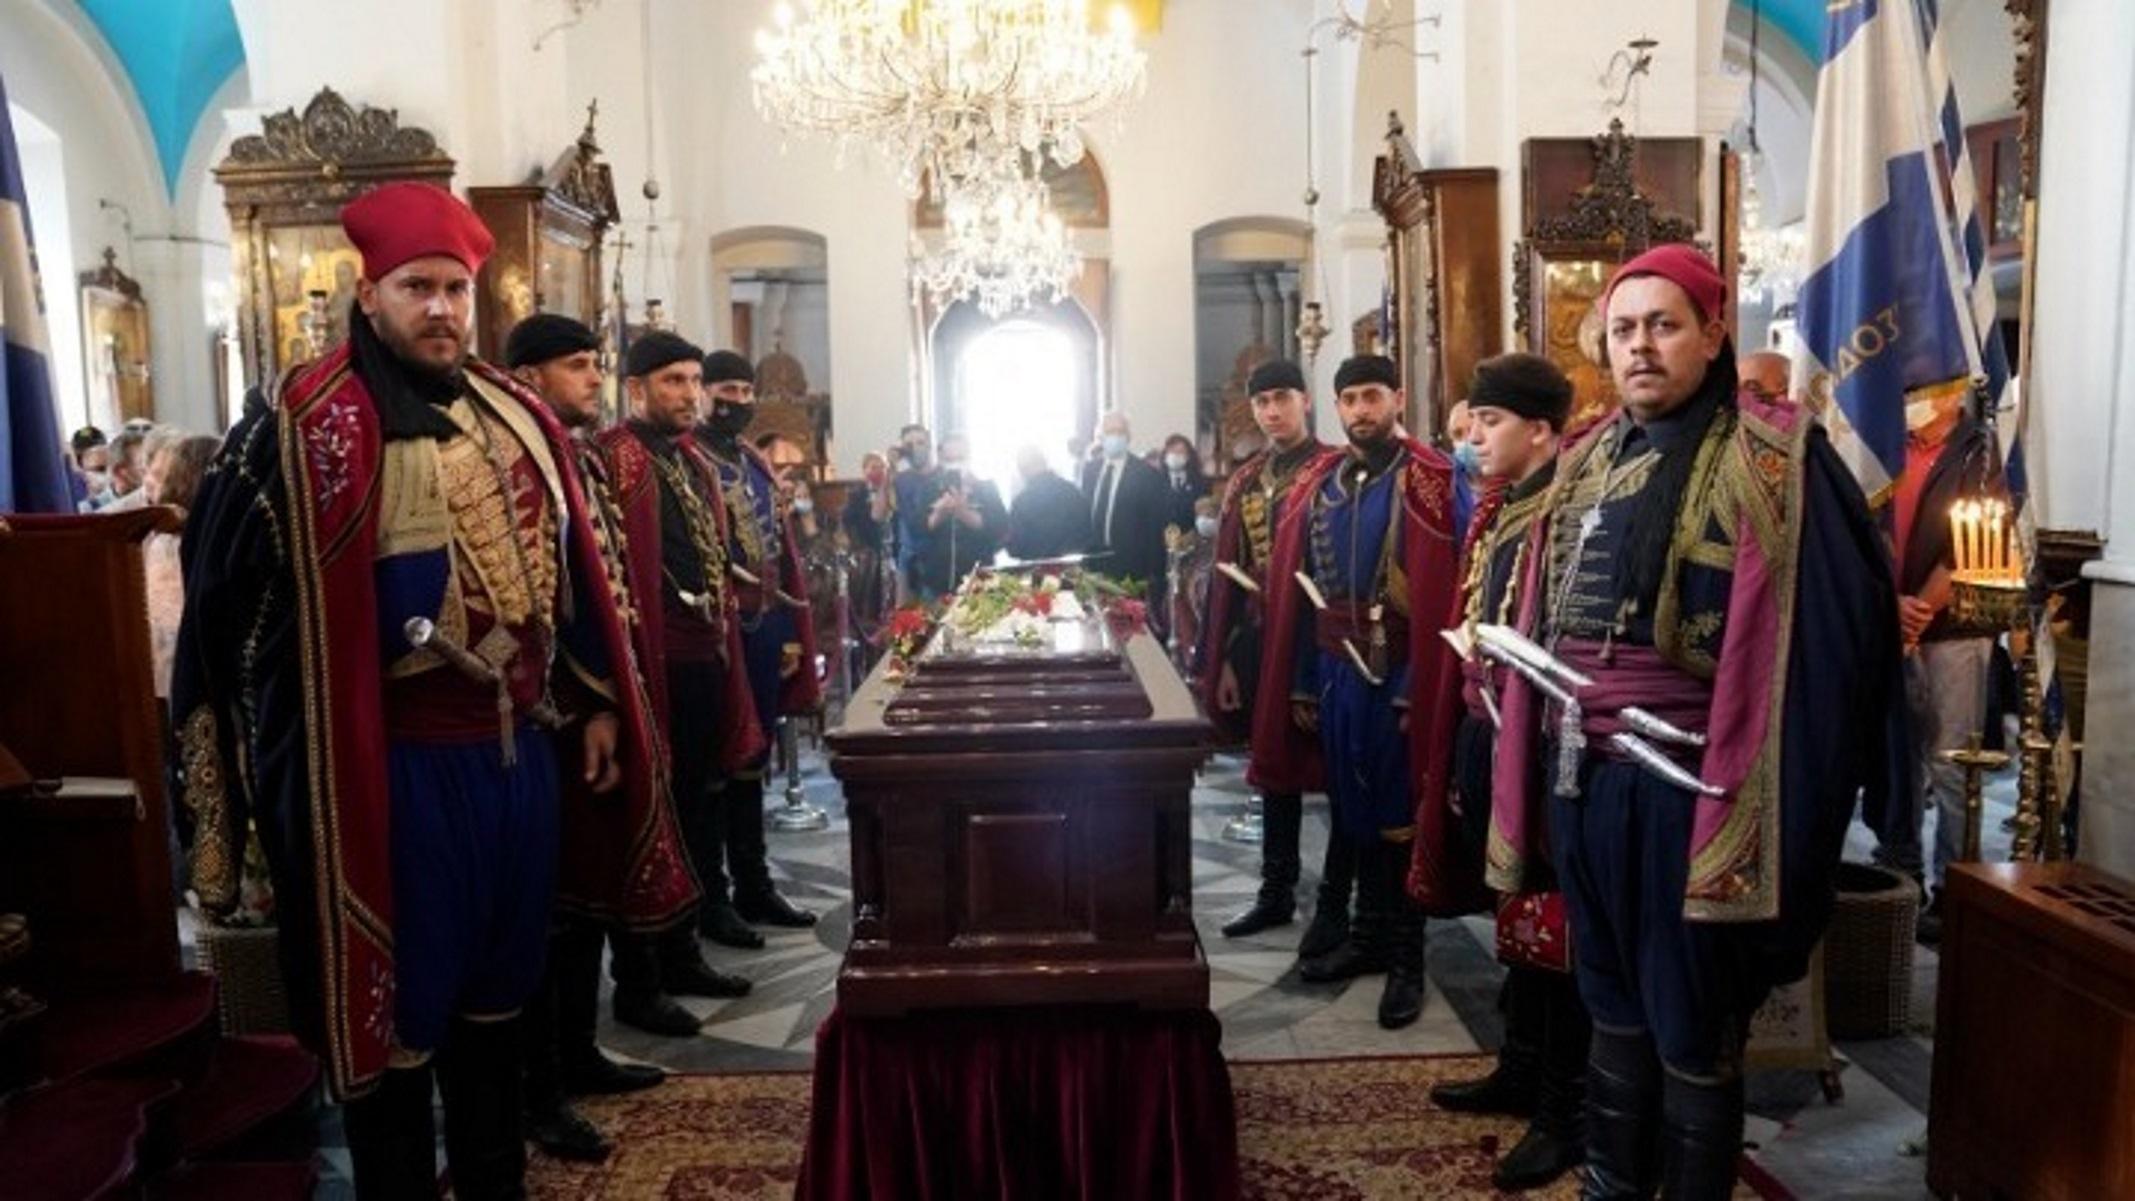 Μίκης Θεοδωράκης: Πέρασε στην αιωνιότητα – Ιστορικές στιγμές στην Κρήτη στο τελευταίο αντίο